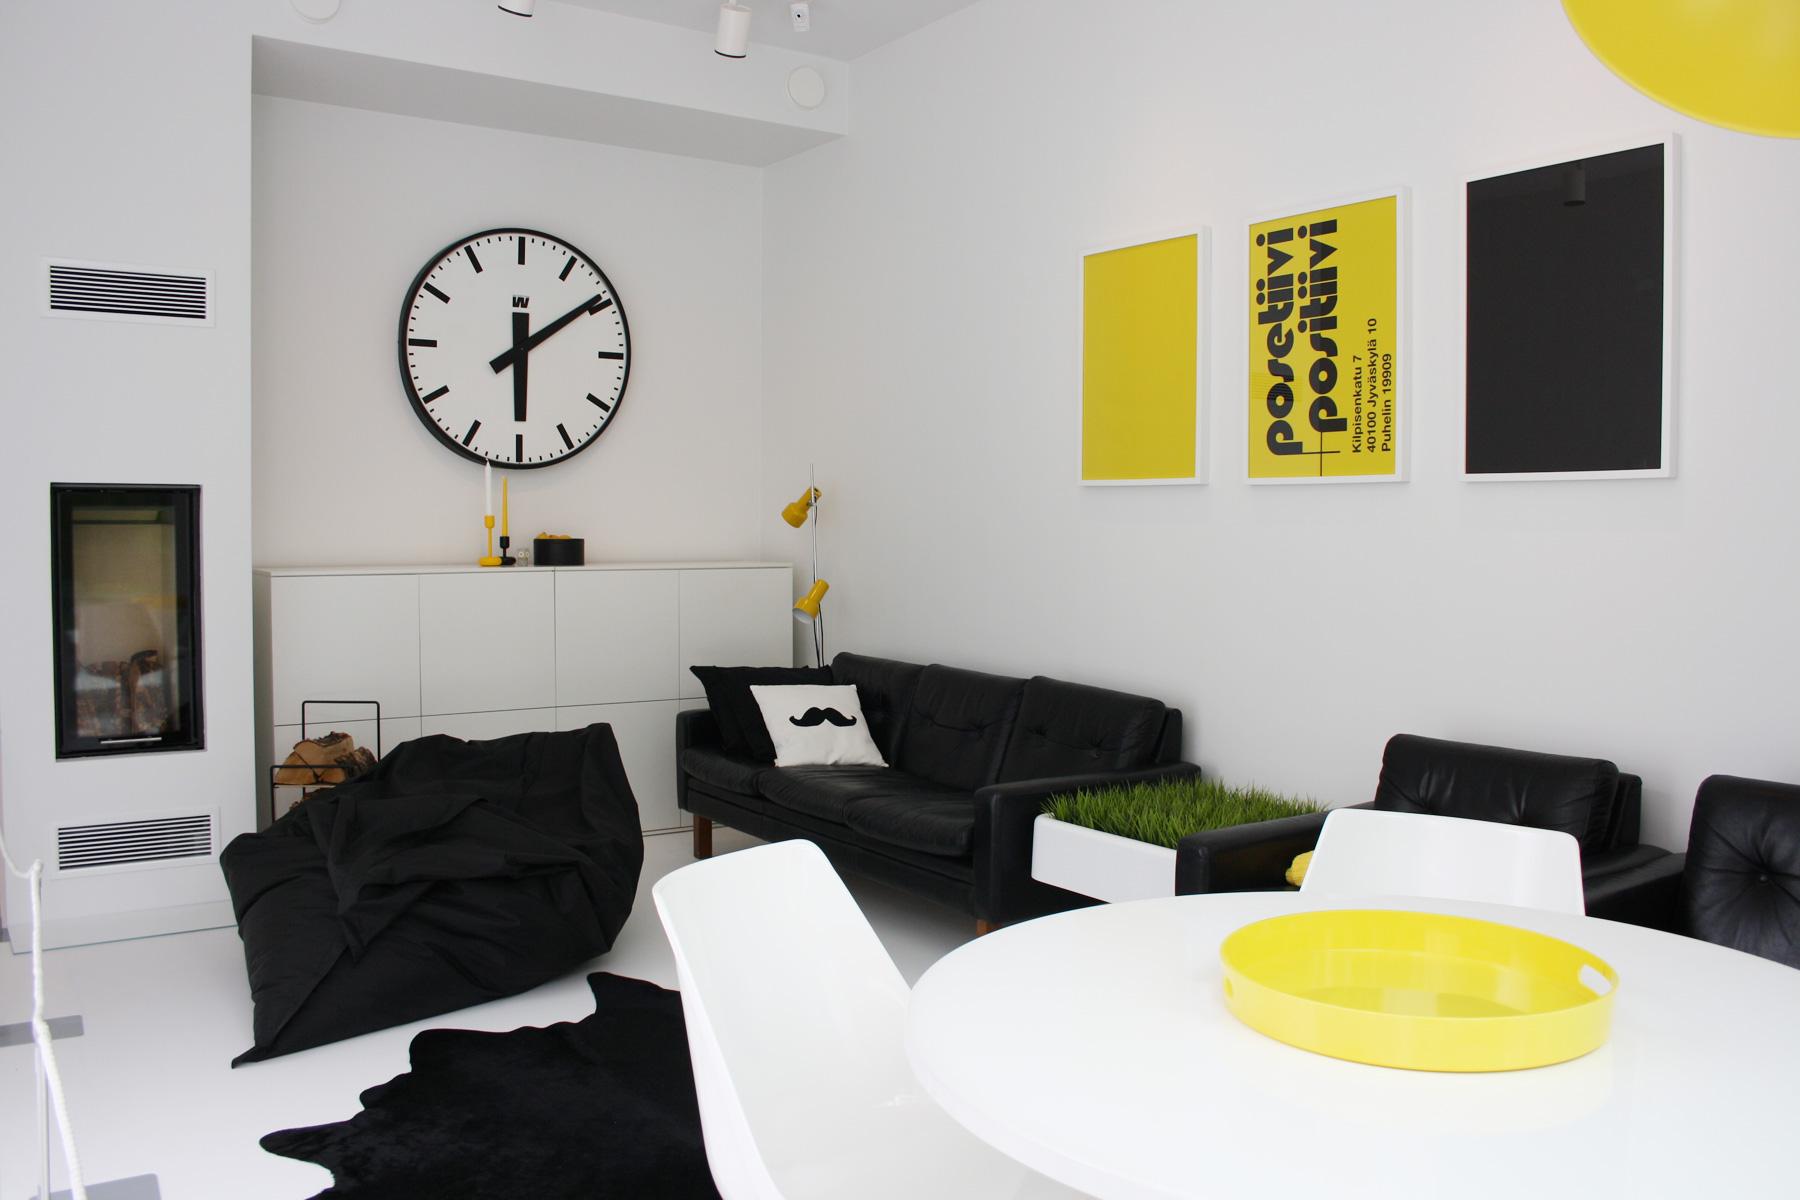 Asuntomessut 2014 Jyväskylä, talo Luck takkahuone